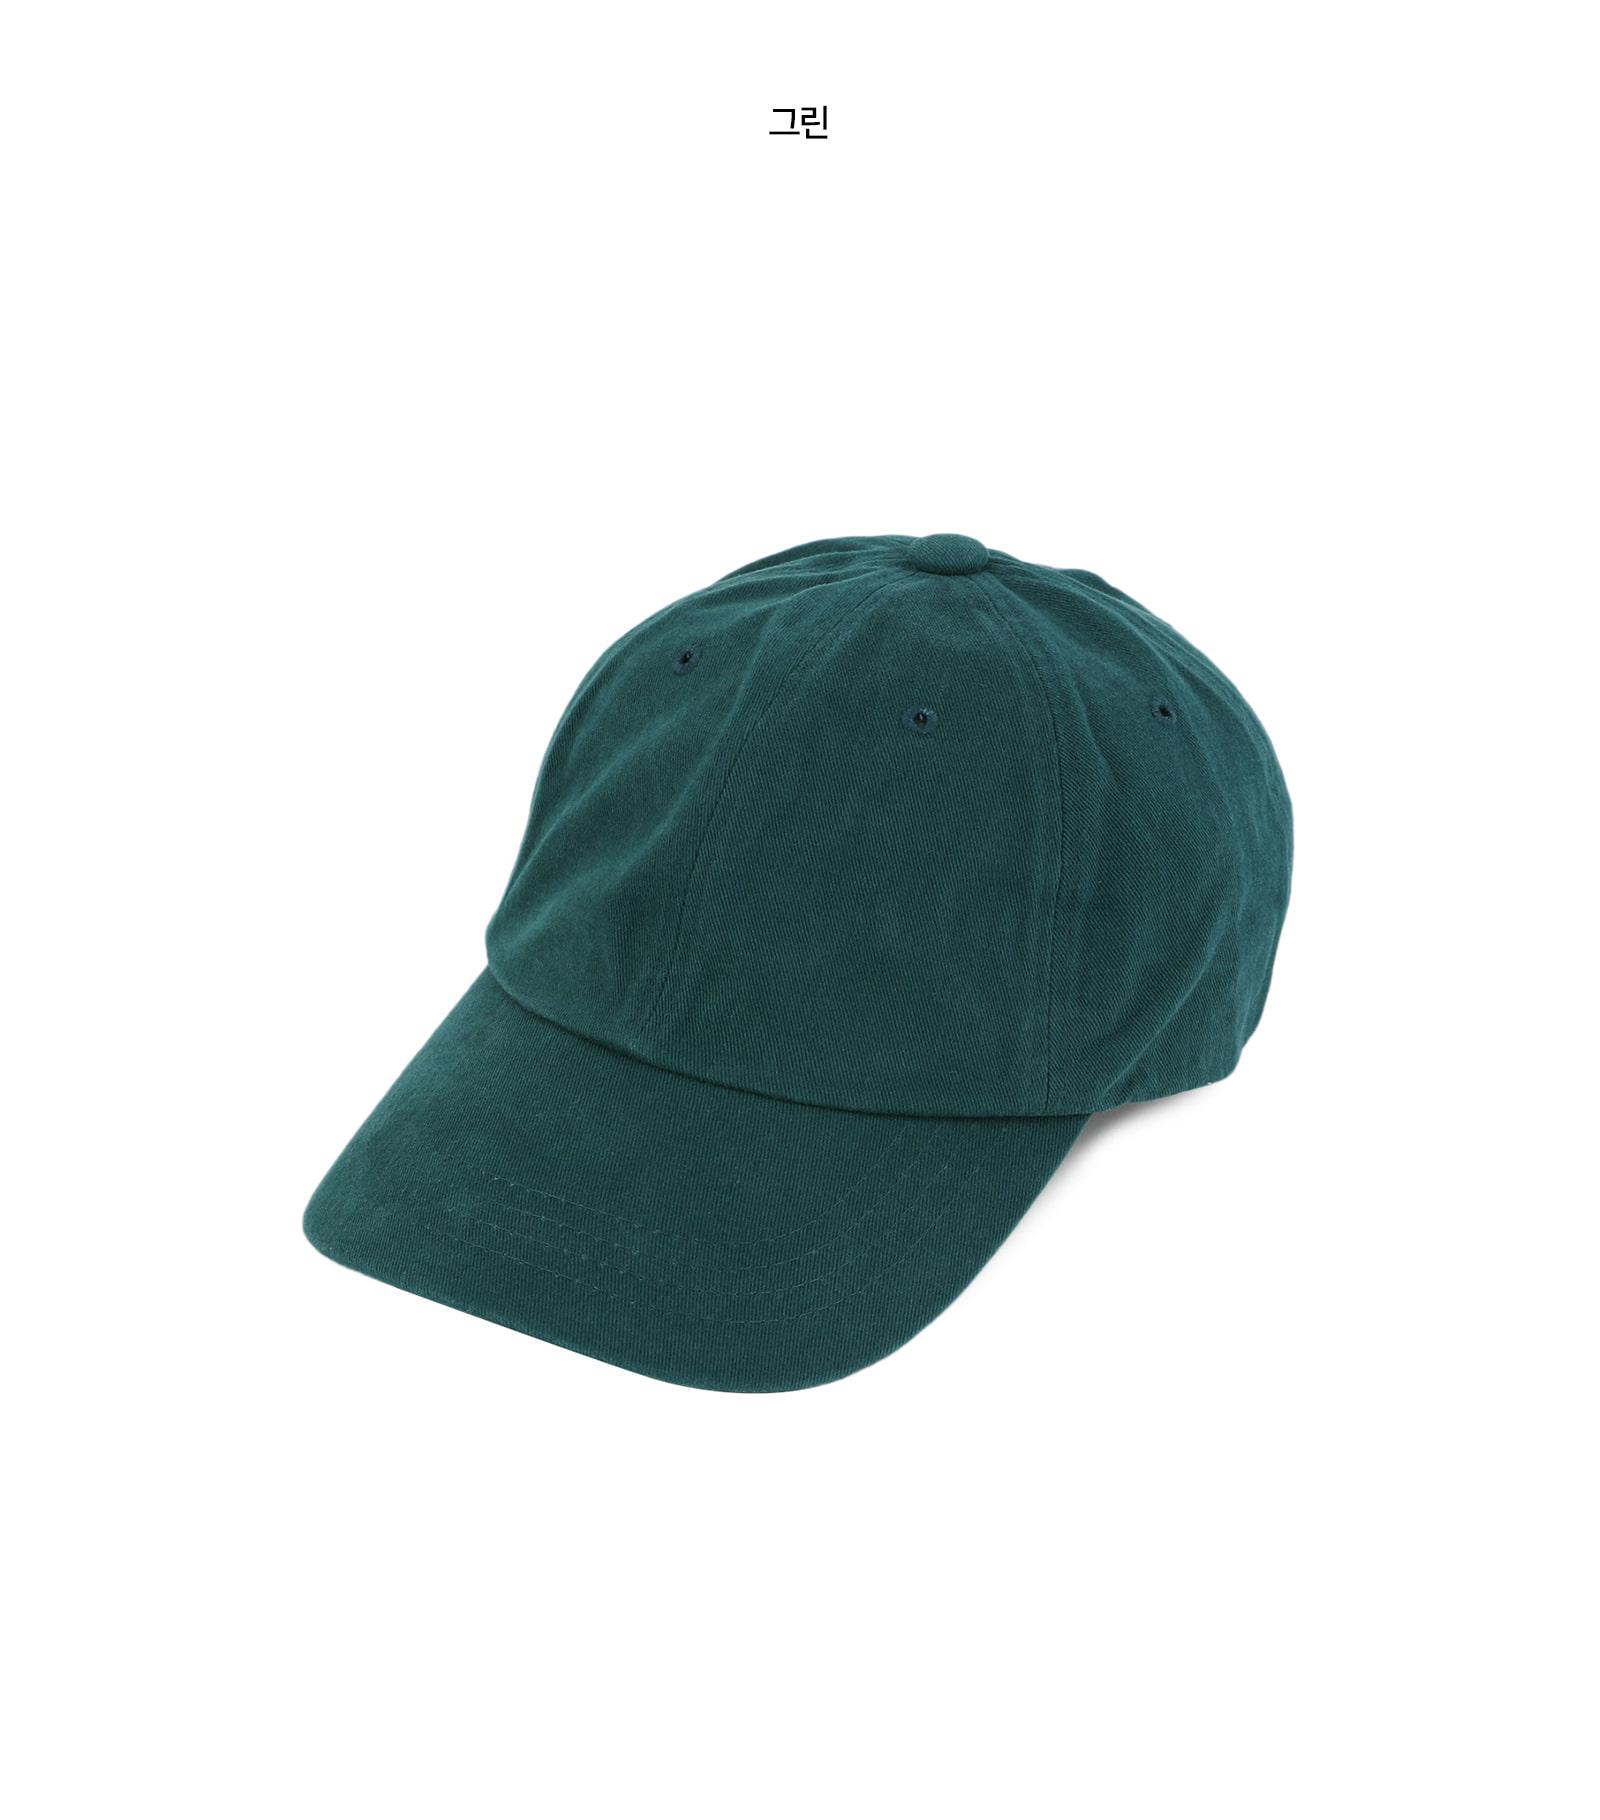 Autumn corduroy cap